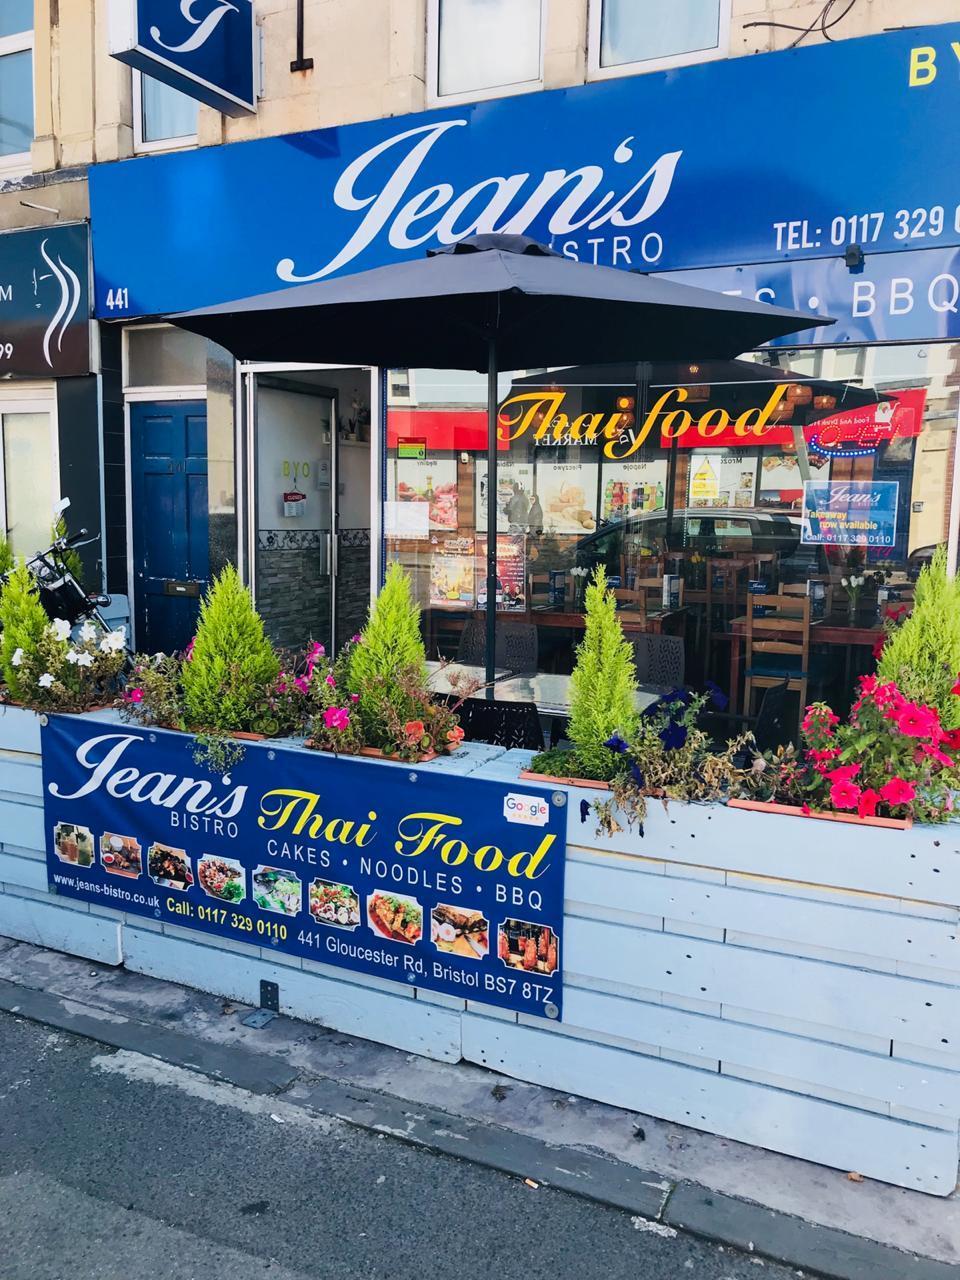 Jean's Bistro